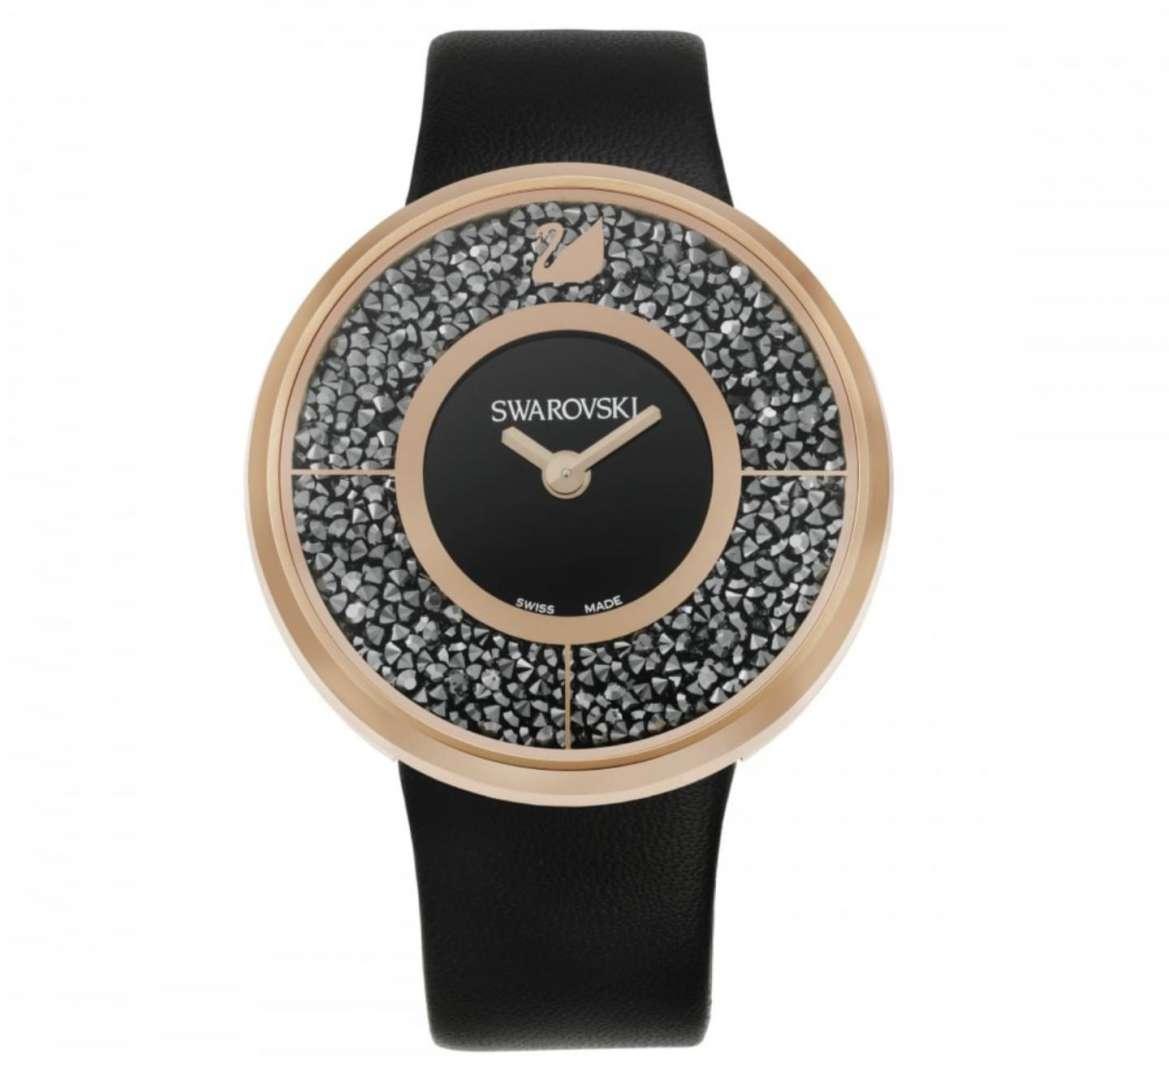 שעון יד אנלוגי 5045371 swarovski סברובסקי